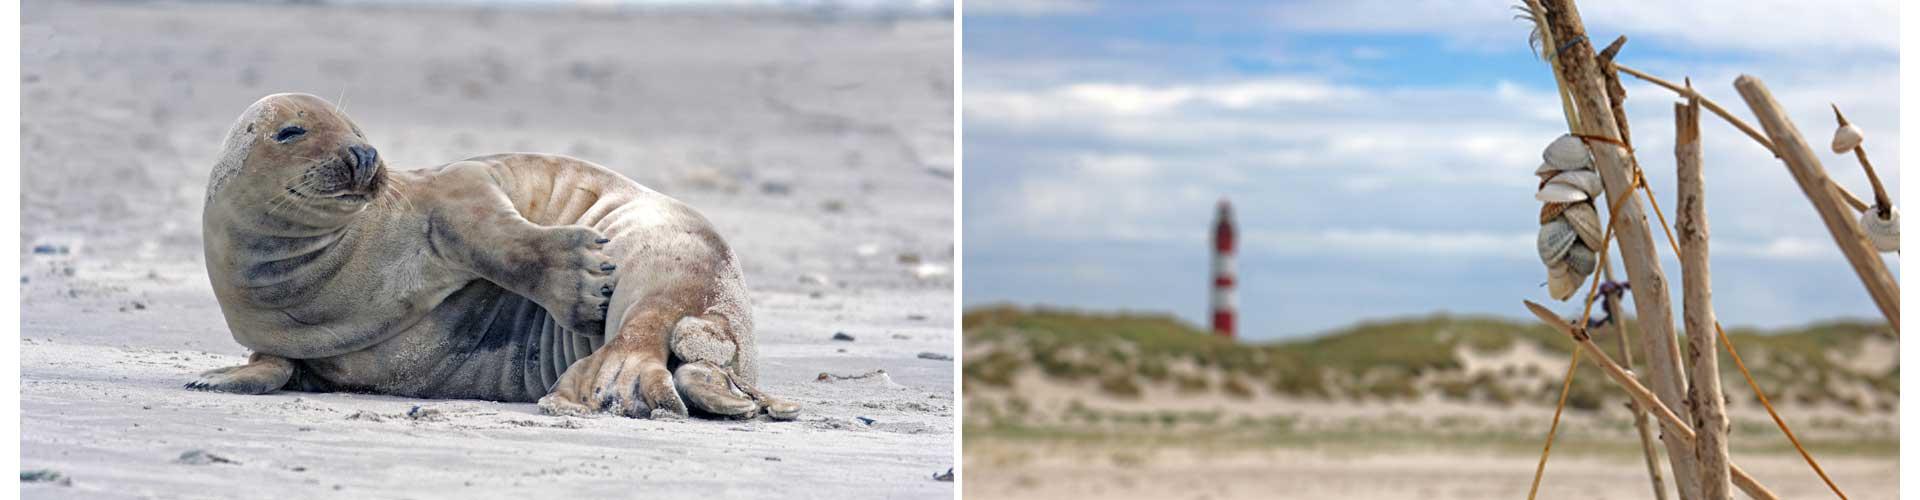 Doppelbild reisetagebuch deutschland selberschreiben robbe amrum ostsee nordsee